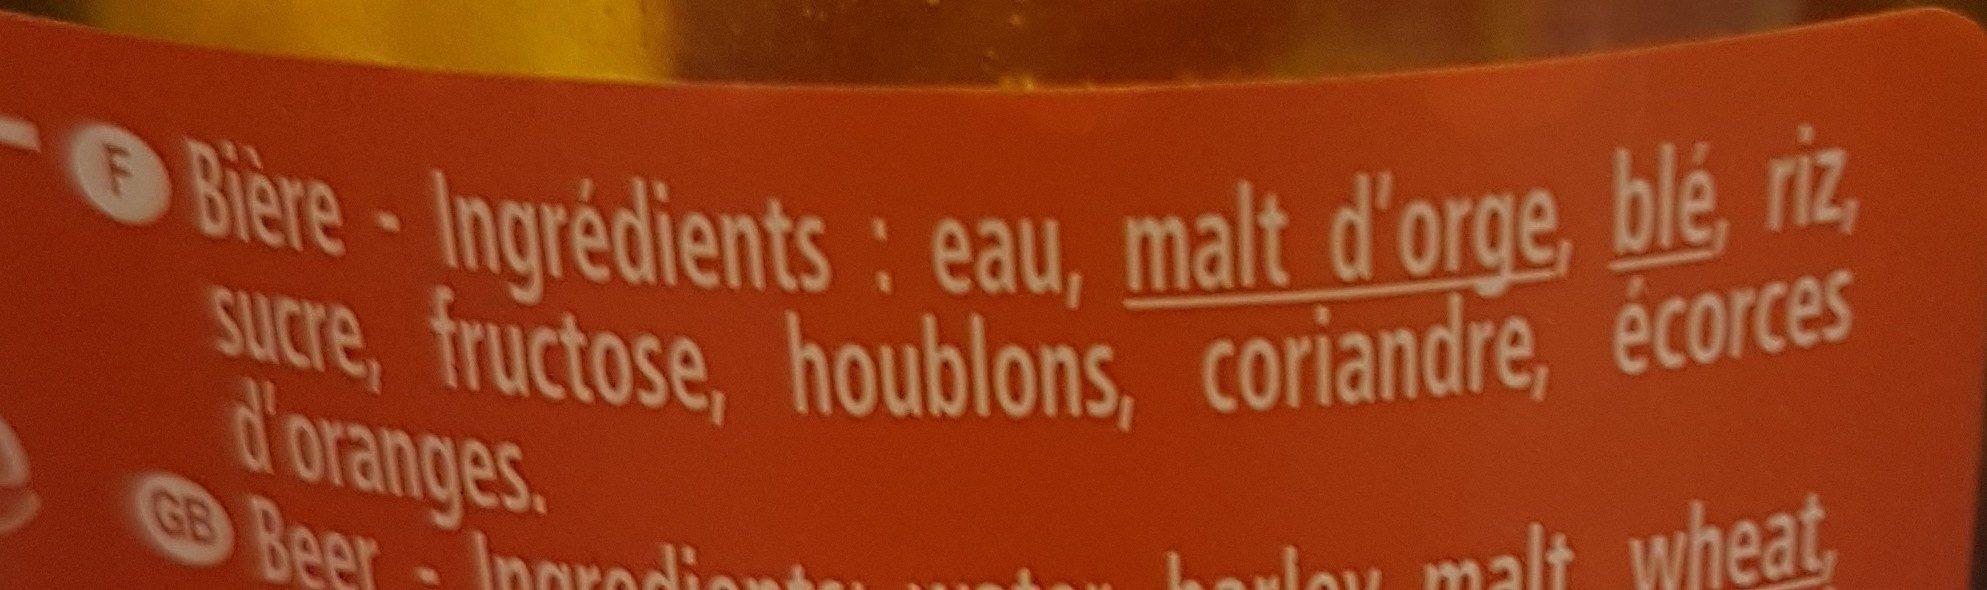 La Goudale ambrée - Ingrédients - fr